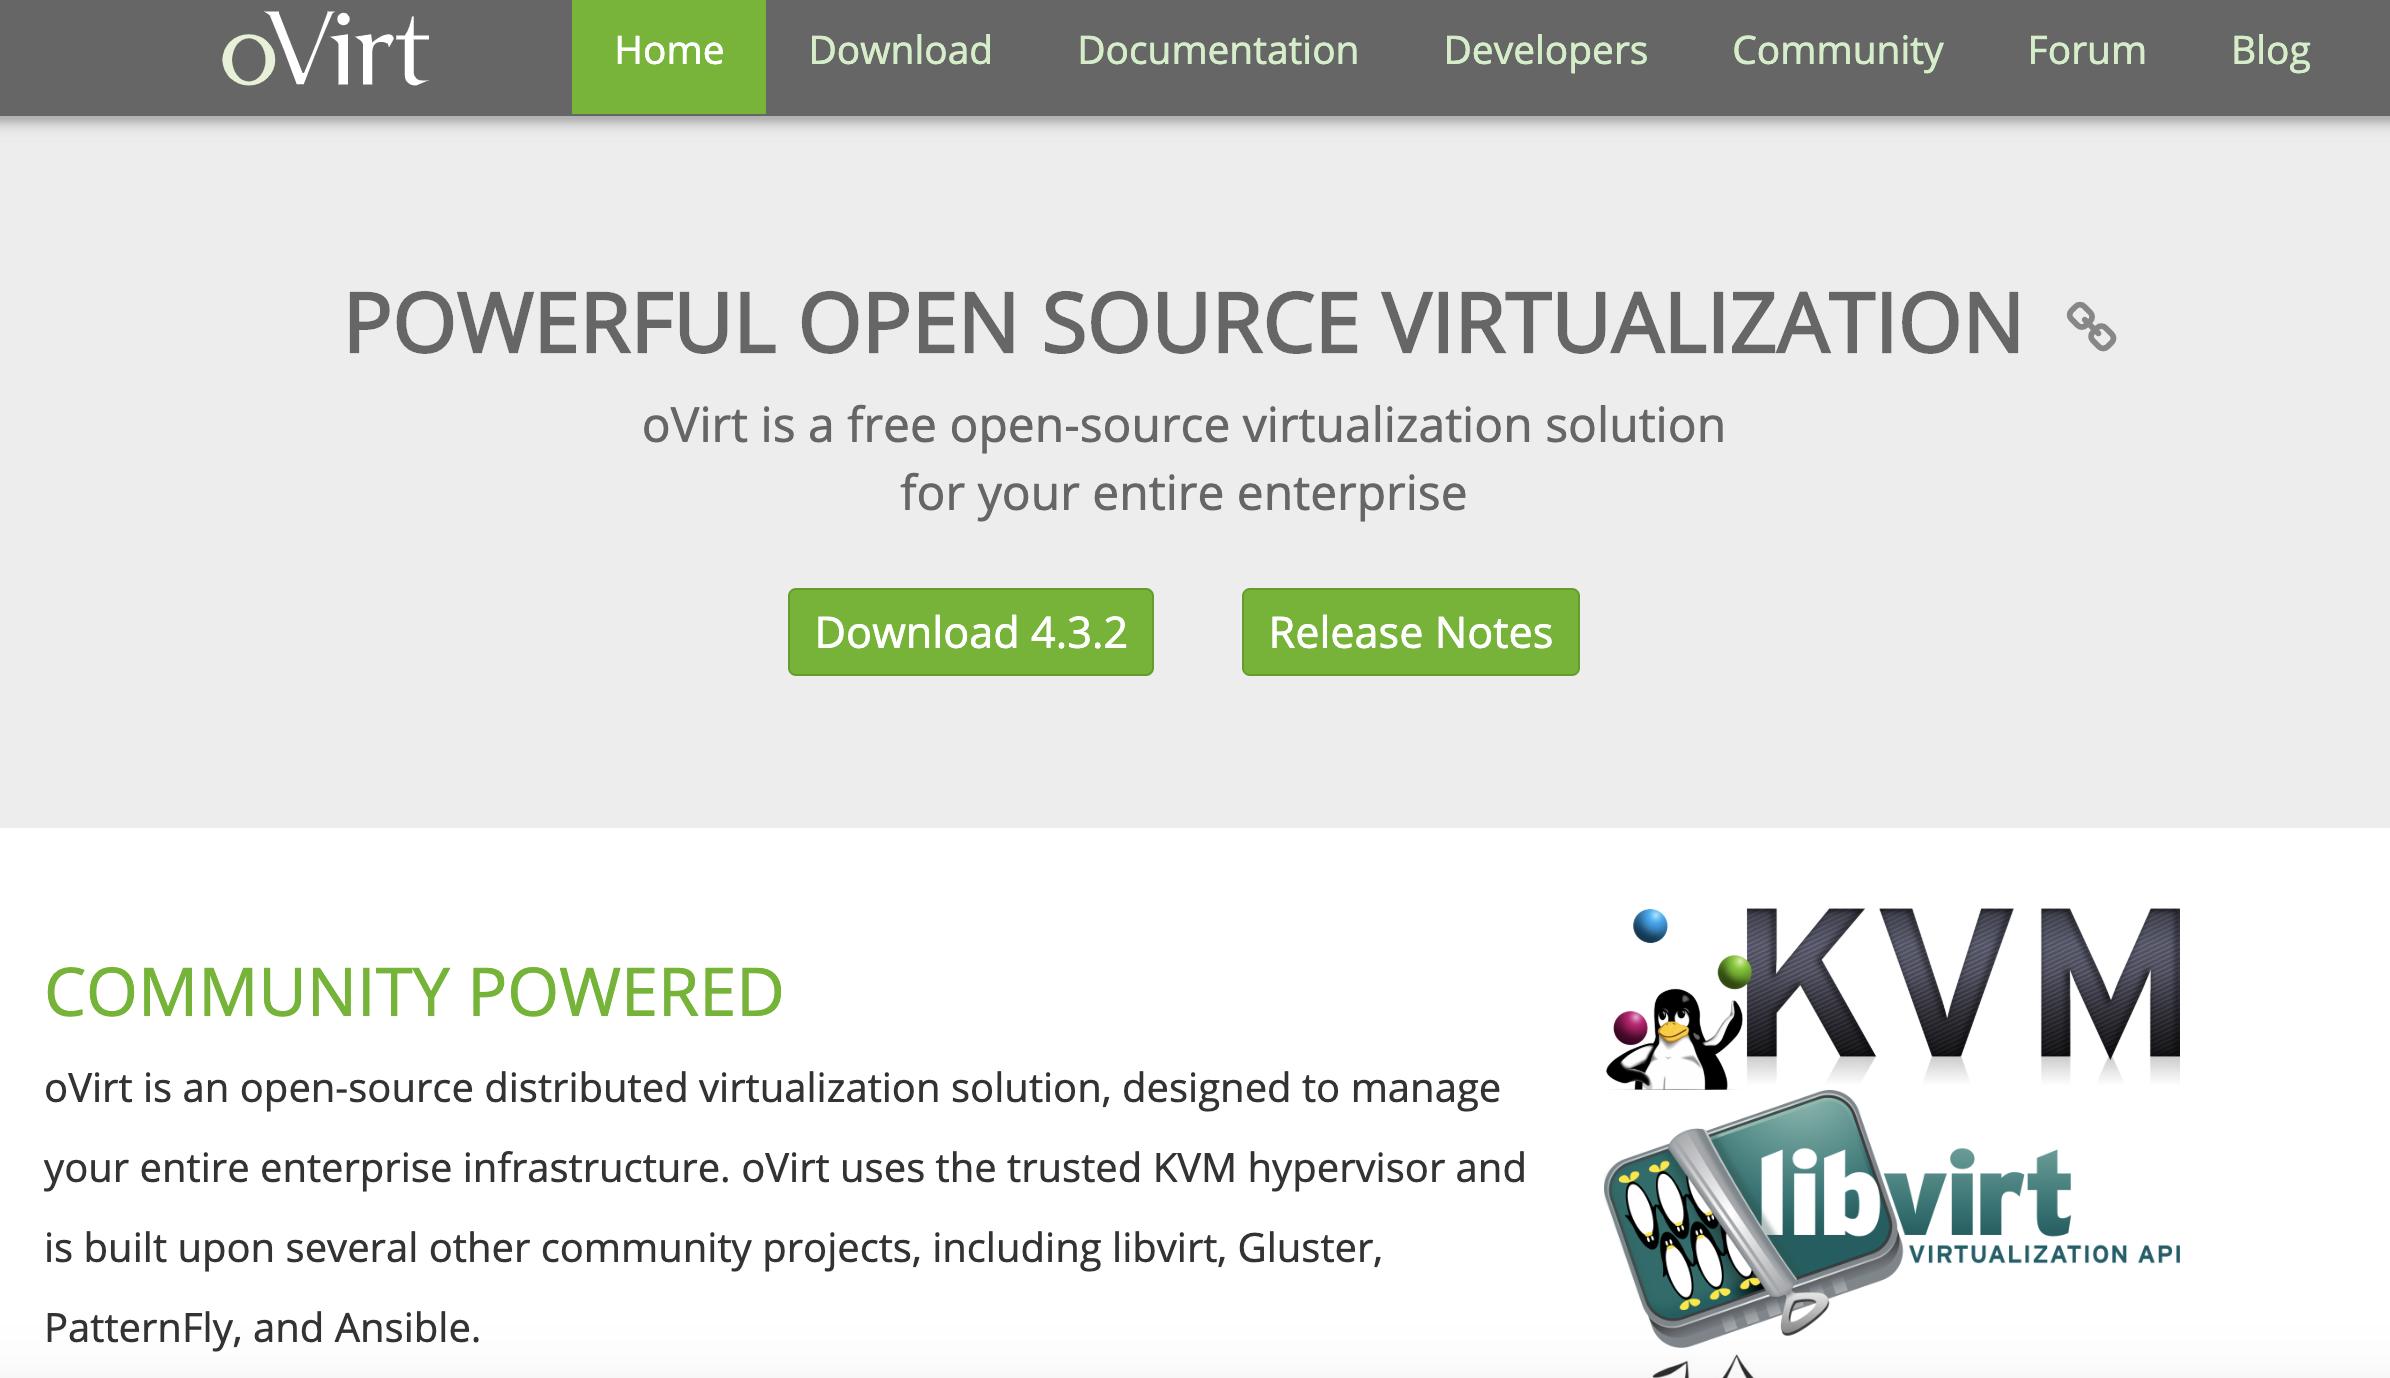 Instalación oVirt en Centos 7 - Blog VMware y Citrix